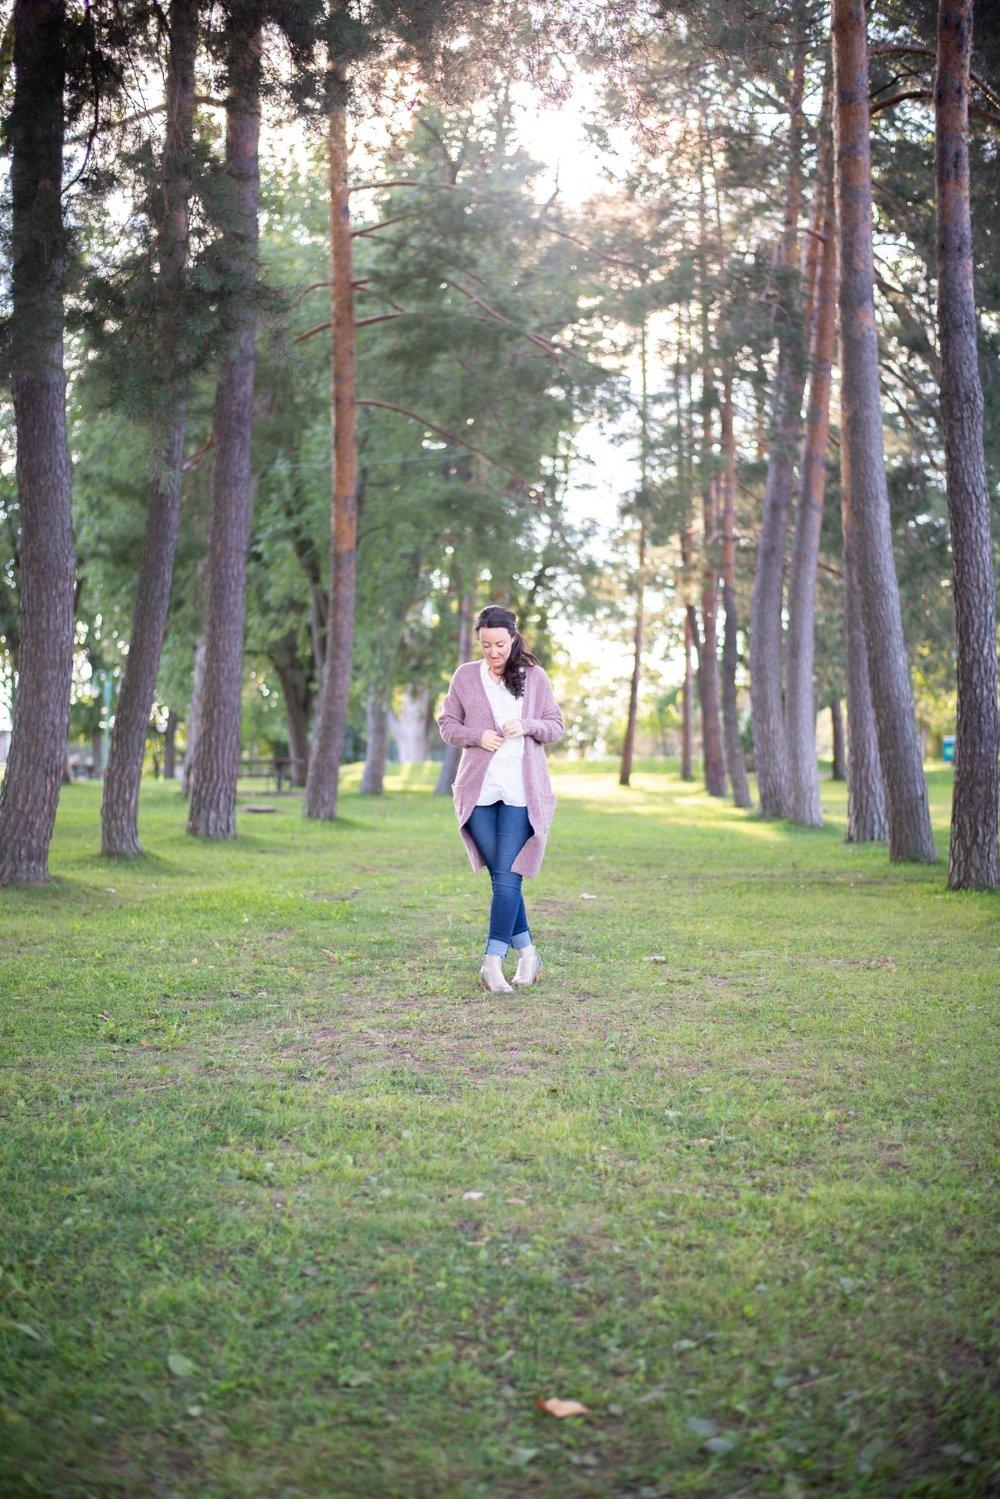 témoignage-réflexion-anglophone-francophone-réalité-immigrante-parler français-être bilingue-Jaime Damak-Je suis une maman